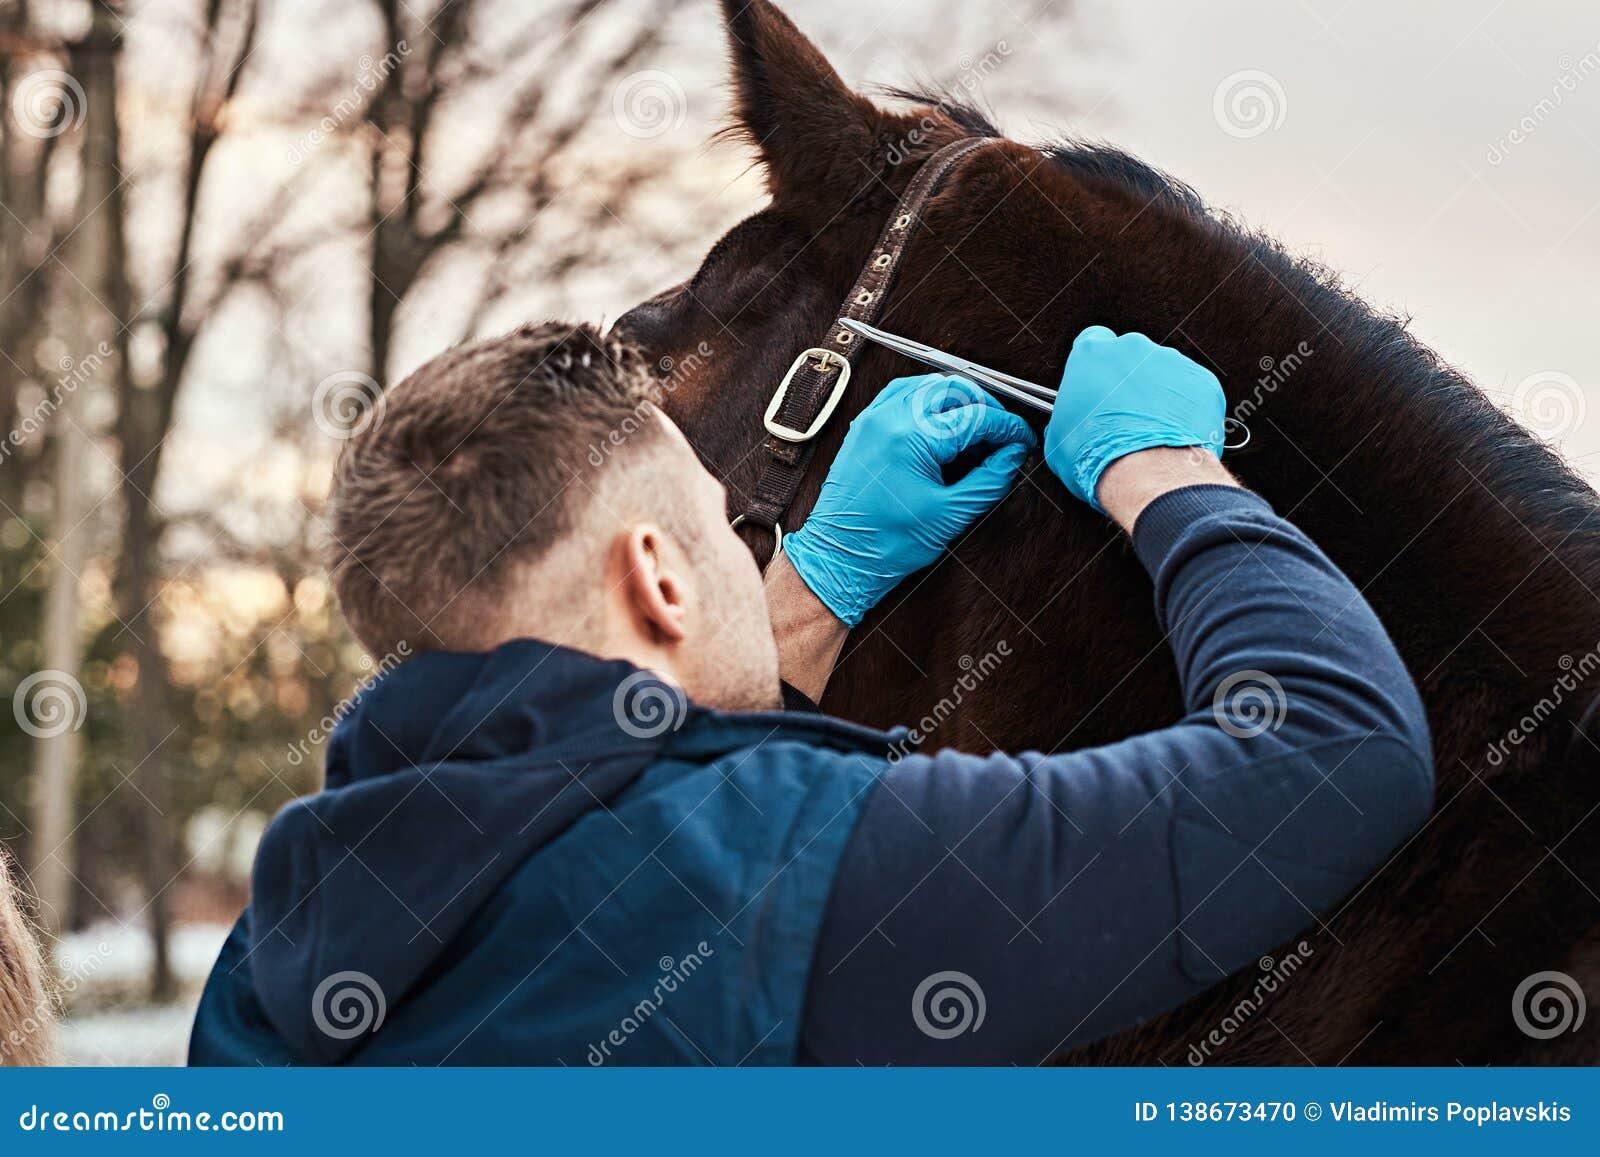 Tierarzt lässt eine externe Prüfung von einem Pferd Papillomas auf einer Ranch draußen finden